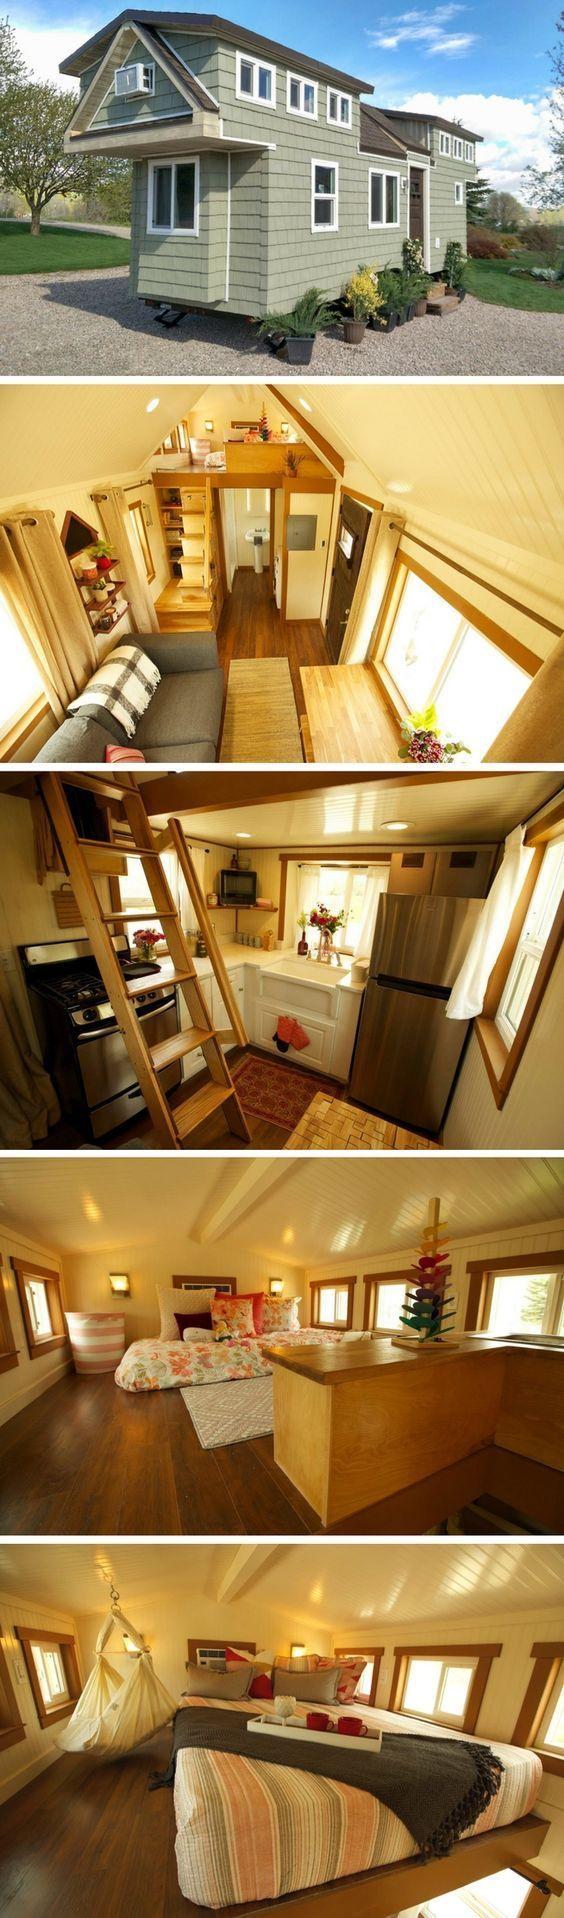 Pinterest the world s catalog of ideas for 200 sq ft living room design